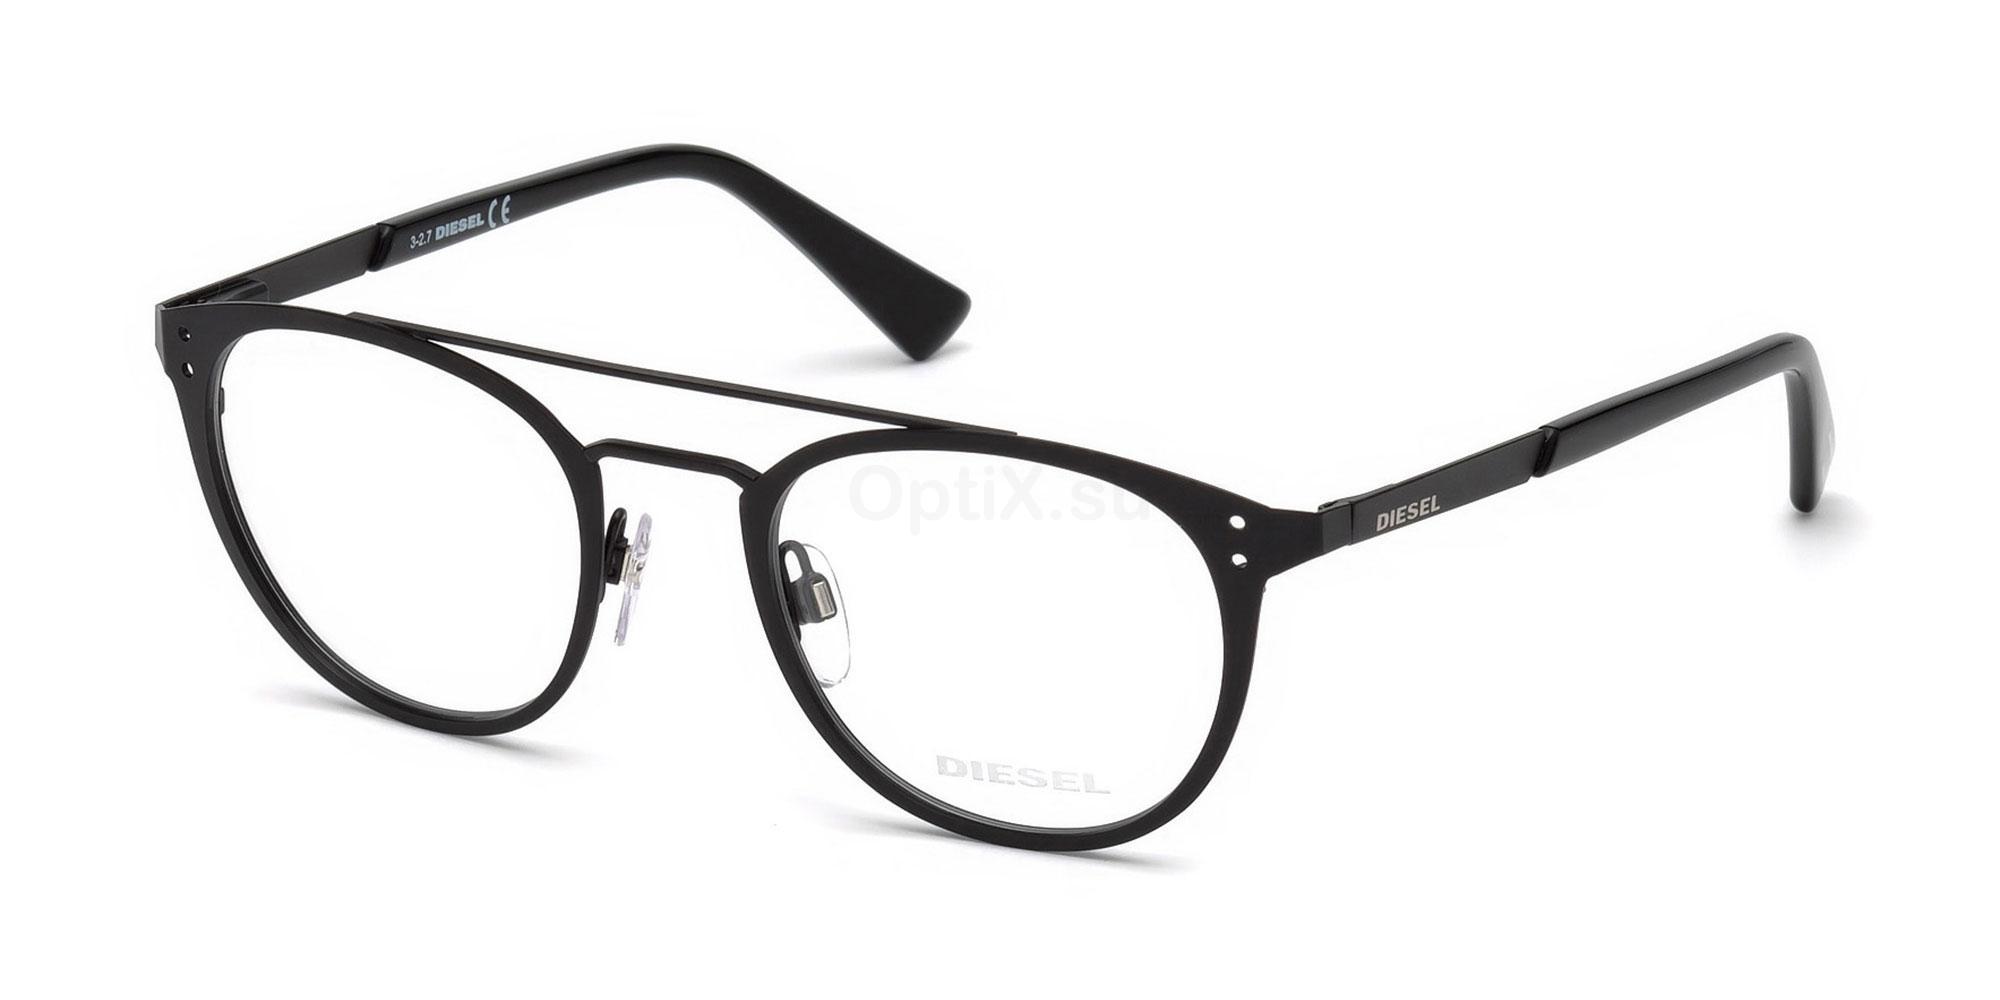 005 DL5274 Glasses, Diesel